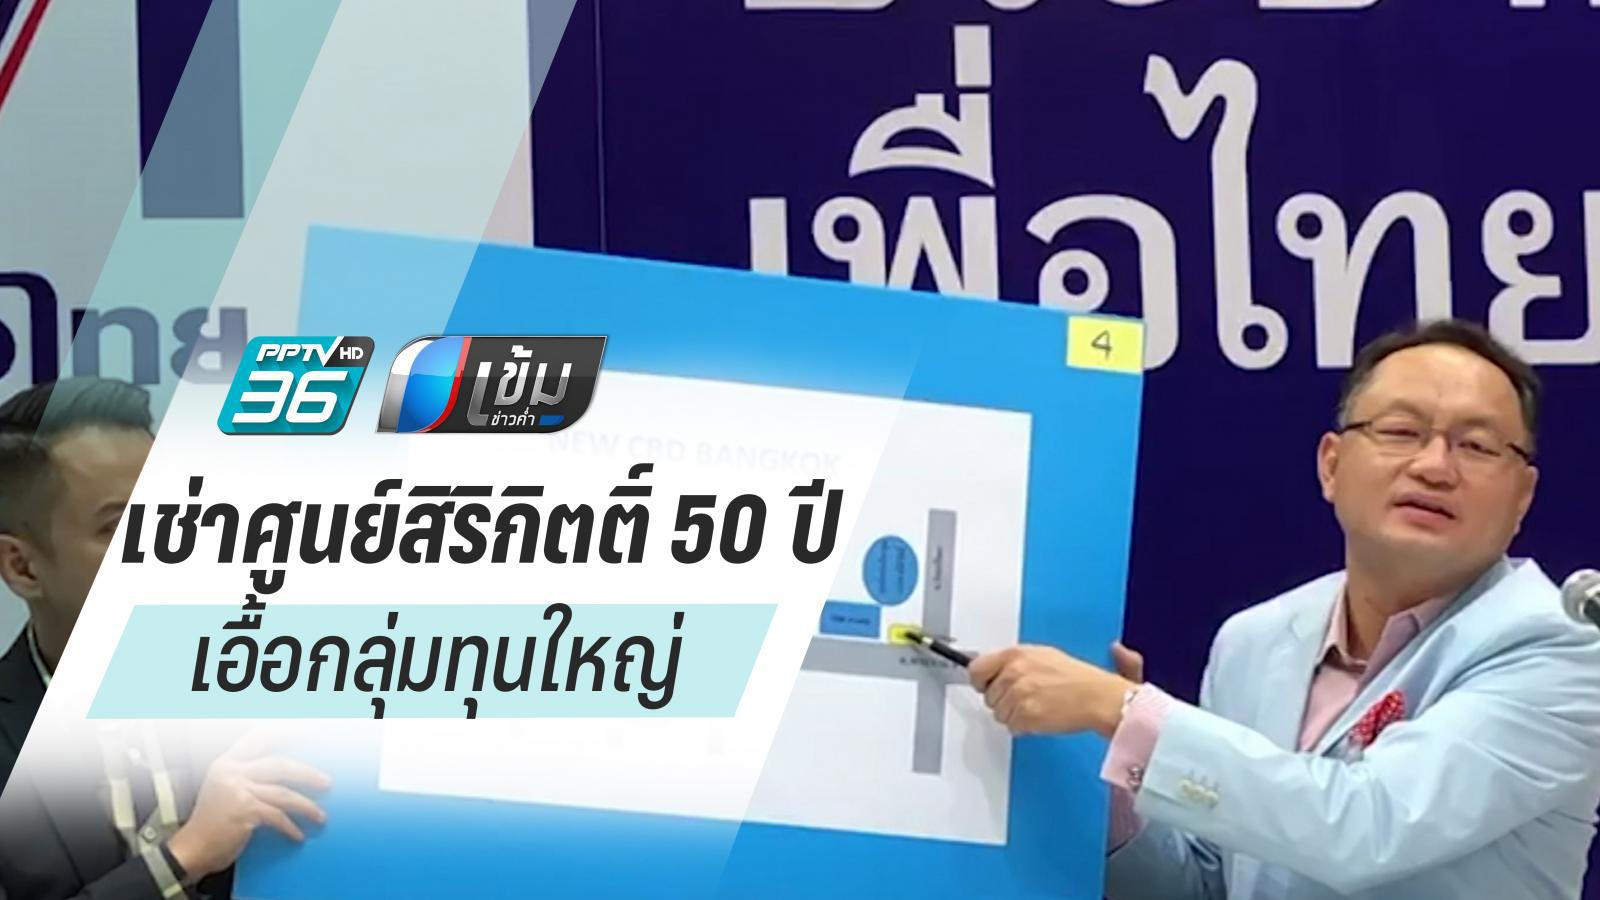 """""""เพื่อไทย"""" ชิมลางซักฟอก เปิดสัญญาเช่าศูนย์สิริกิตติ์ เอื้อกลุ่มทุนใหญ่"""